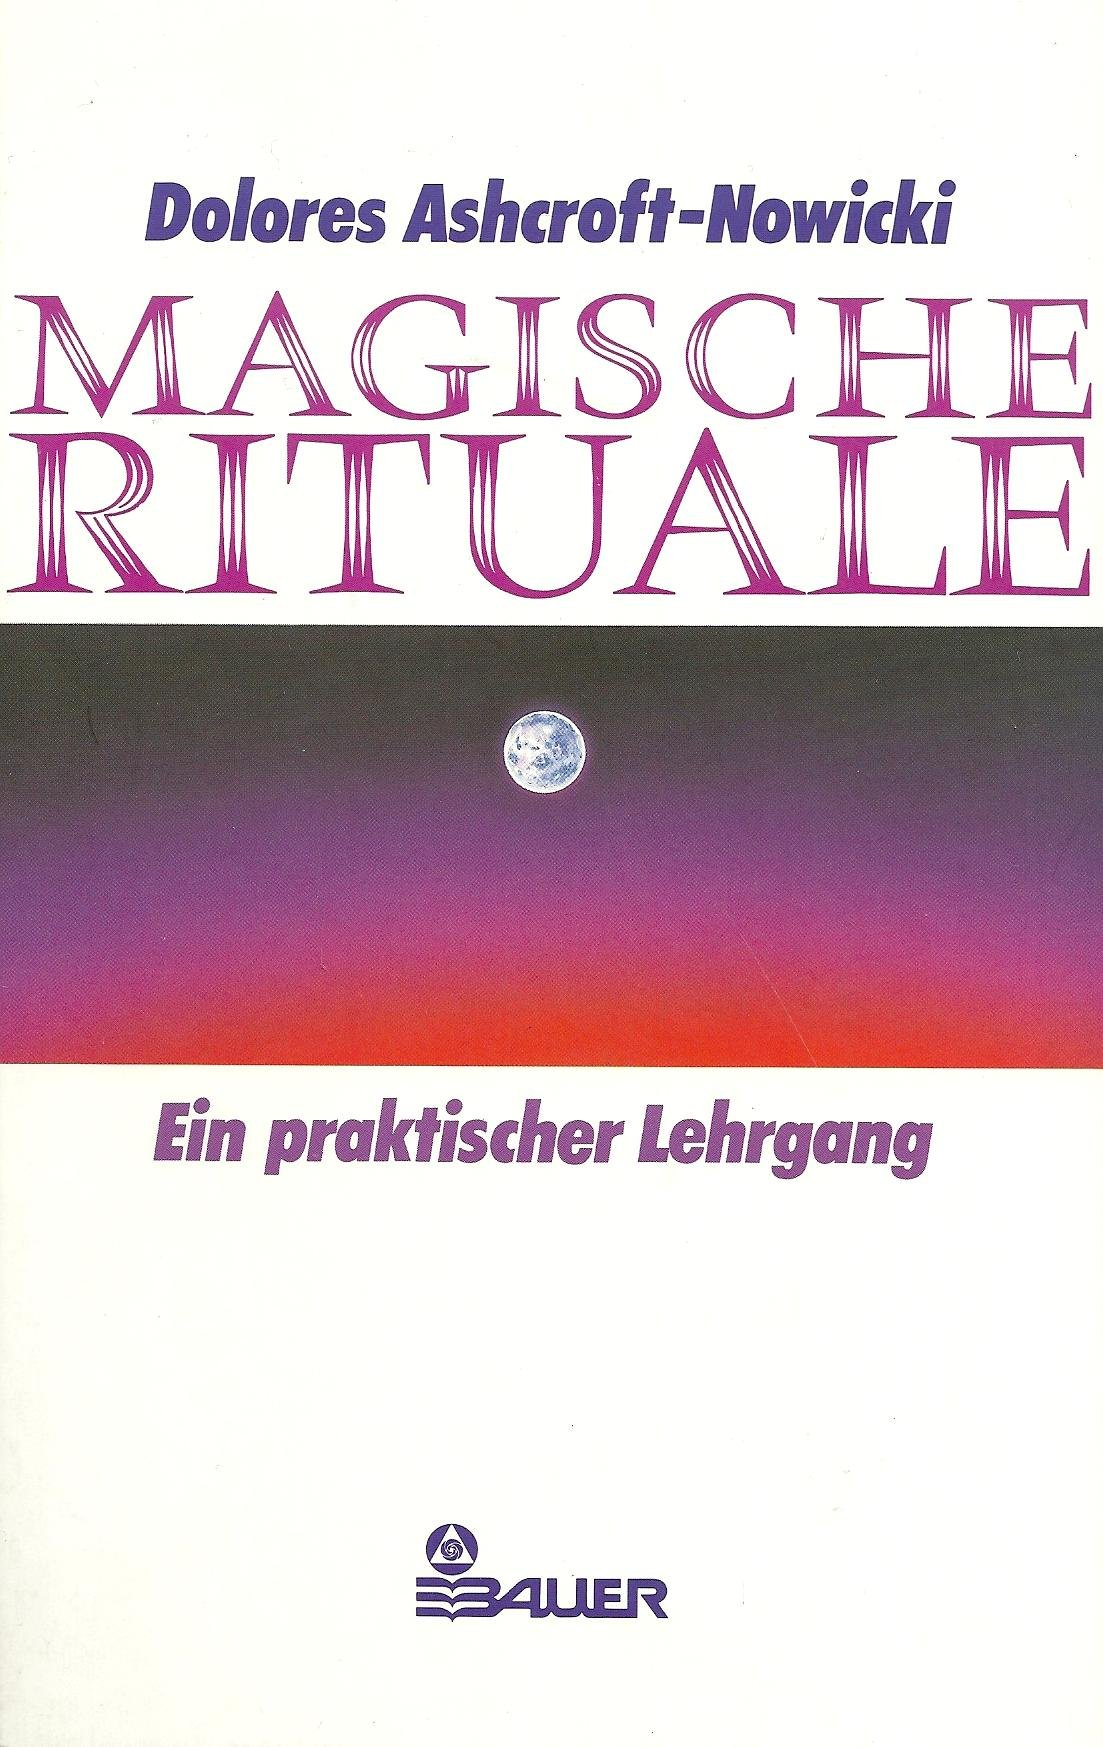 Magische Rituale. Ein praktischer Lehrgang Gebundenes Buch – Januar 1998 Dolores Ashcroft-Nowicki Bauer Hermann Verlag 3762603863 MAK_VRG_9783762603863